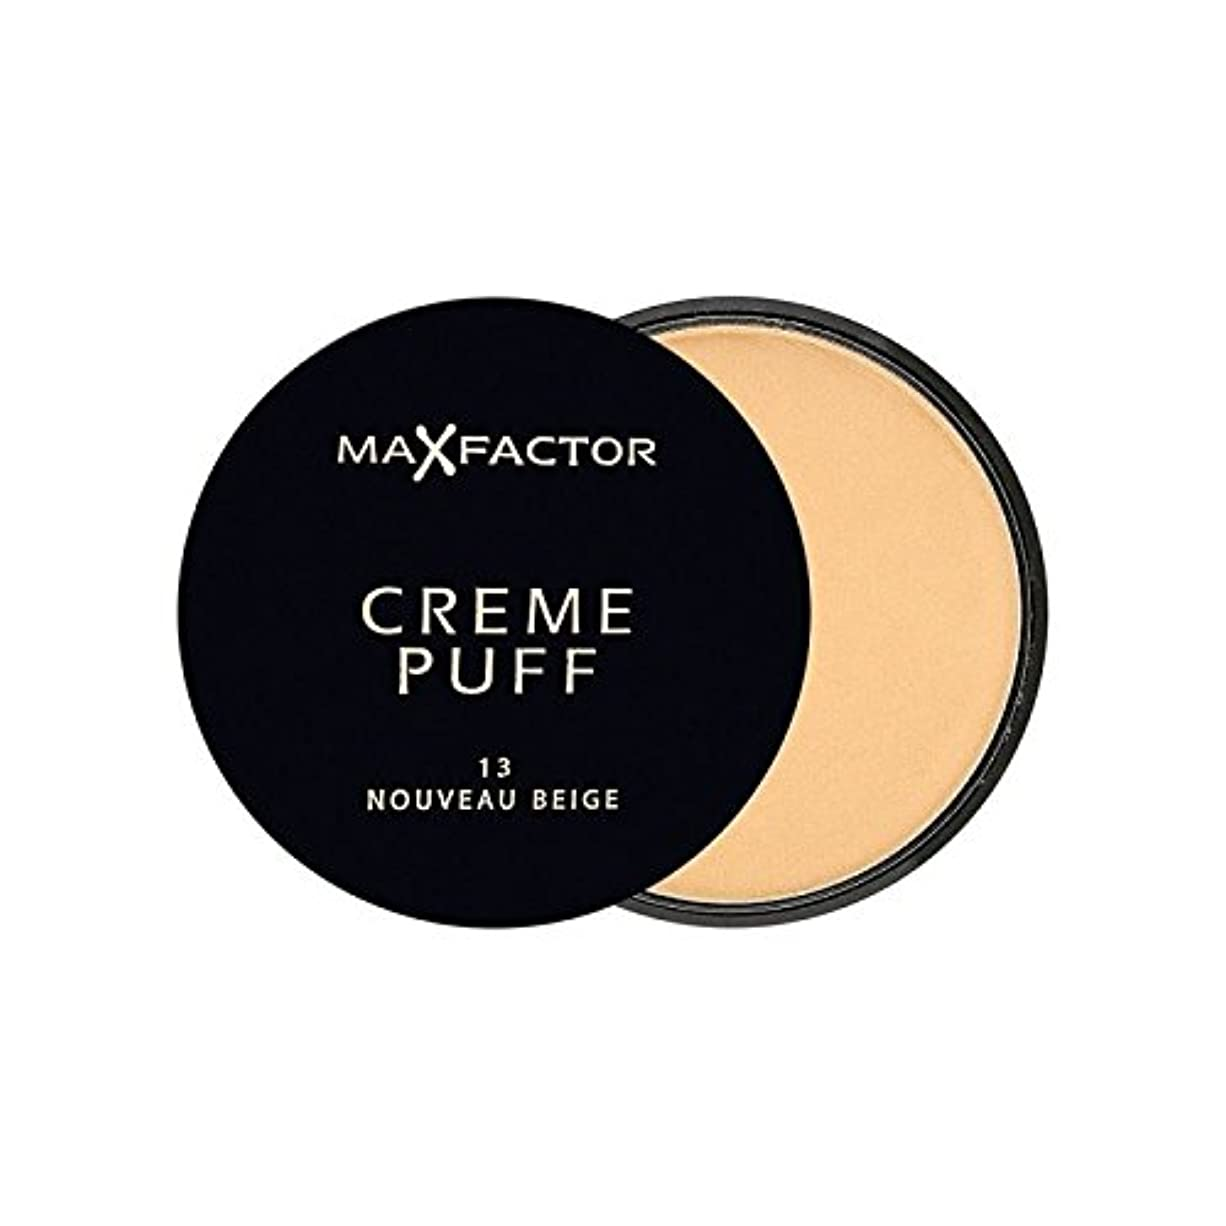 闇メーカー膨張するMax Factor Creme Puff Powder Compact Nouveau Beige 13 (Pack of 6) - マックスファクタークリームパフ粉末コンパクトヌーボーベージュ13 x6 [並行輸入品]